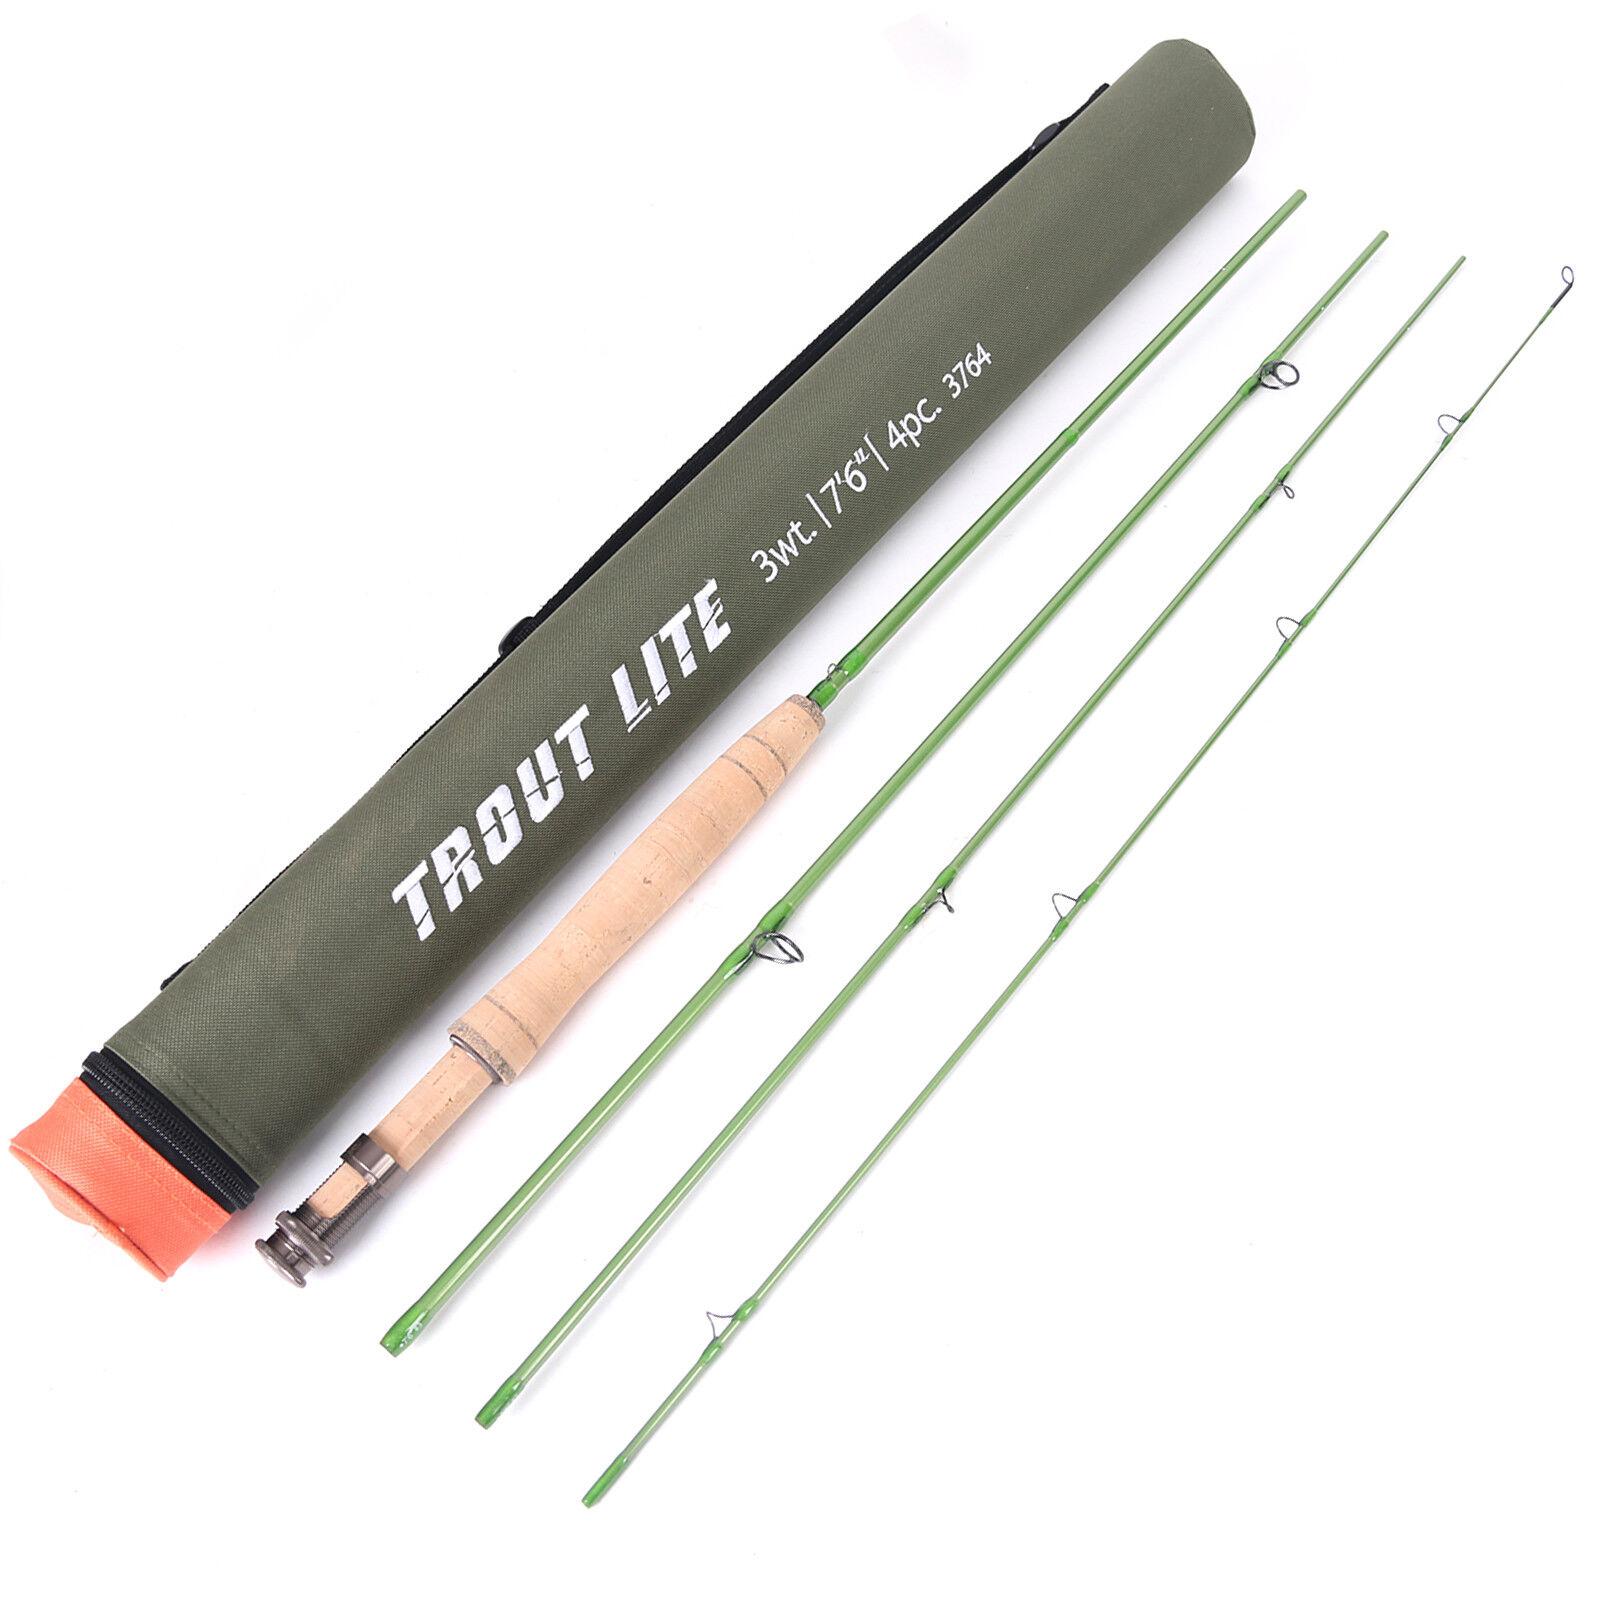 Maxcatch Troutlite Fliegenfischen Rute IM12 Kohlefaser 4 Teile Rute für Forelle